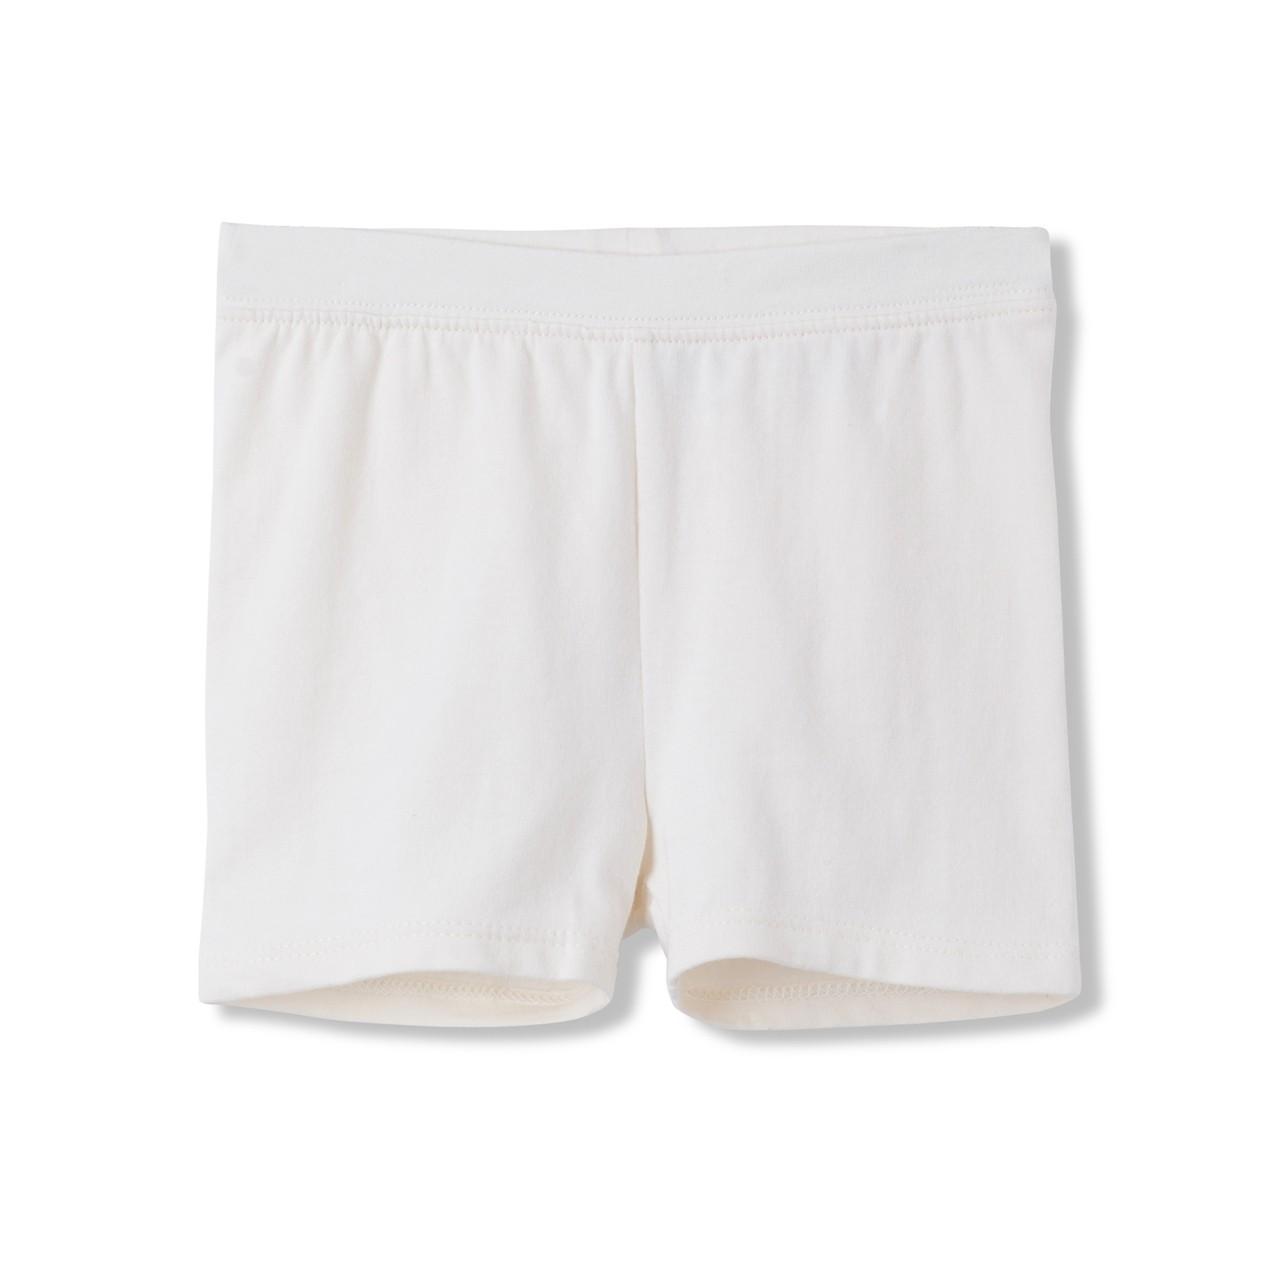 Gap女嬰幼童休閑褲子夏季452291 中小童運動褲兒童洋氣短褲打底褲,降價幅度50.8%